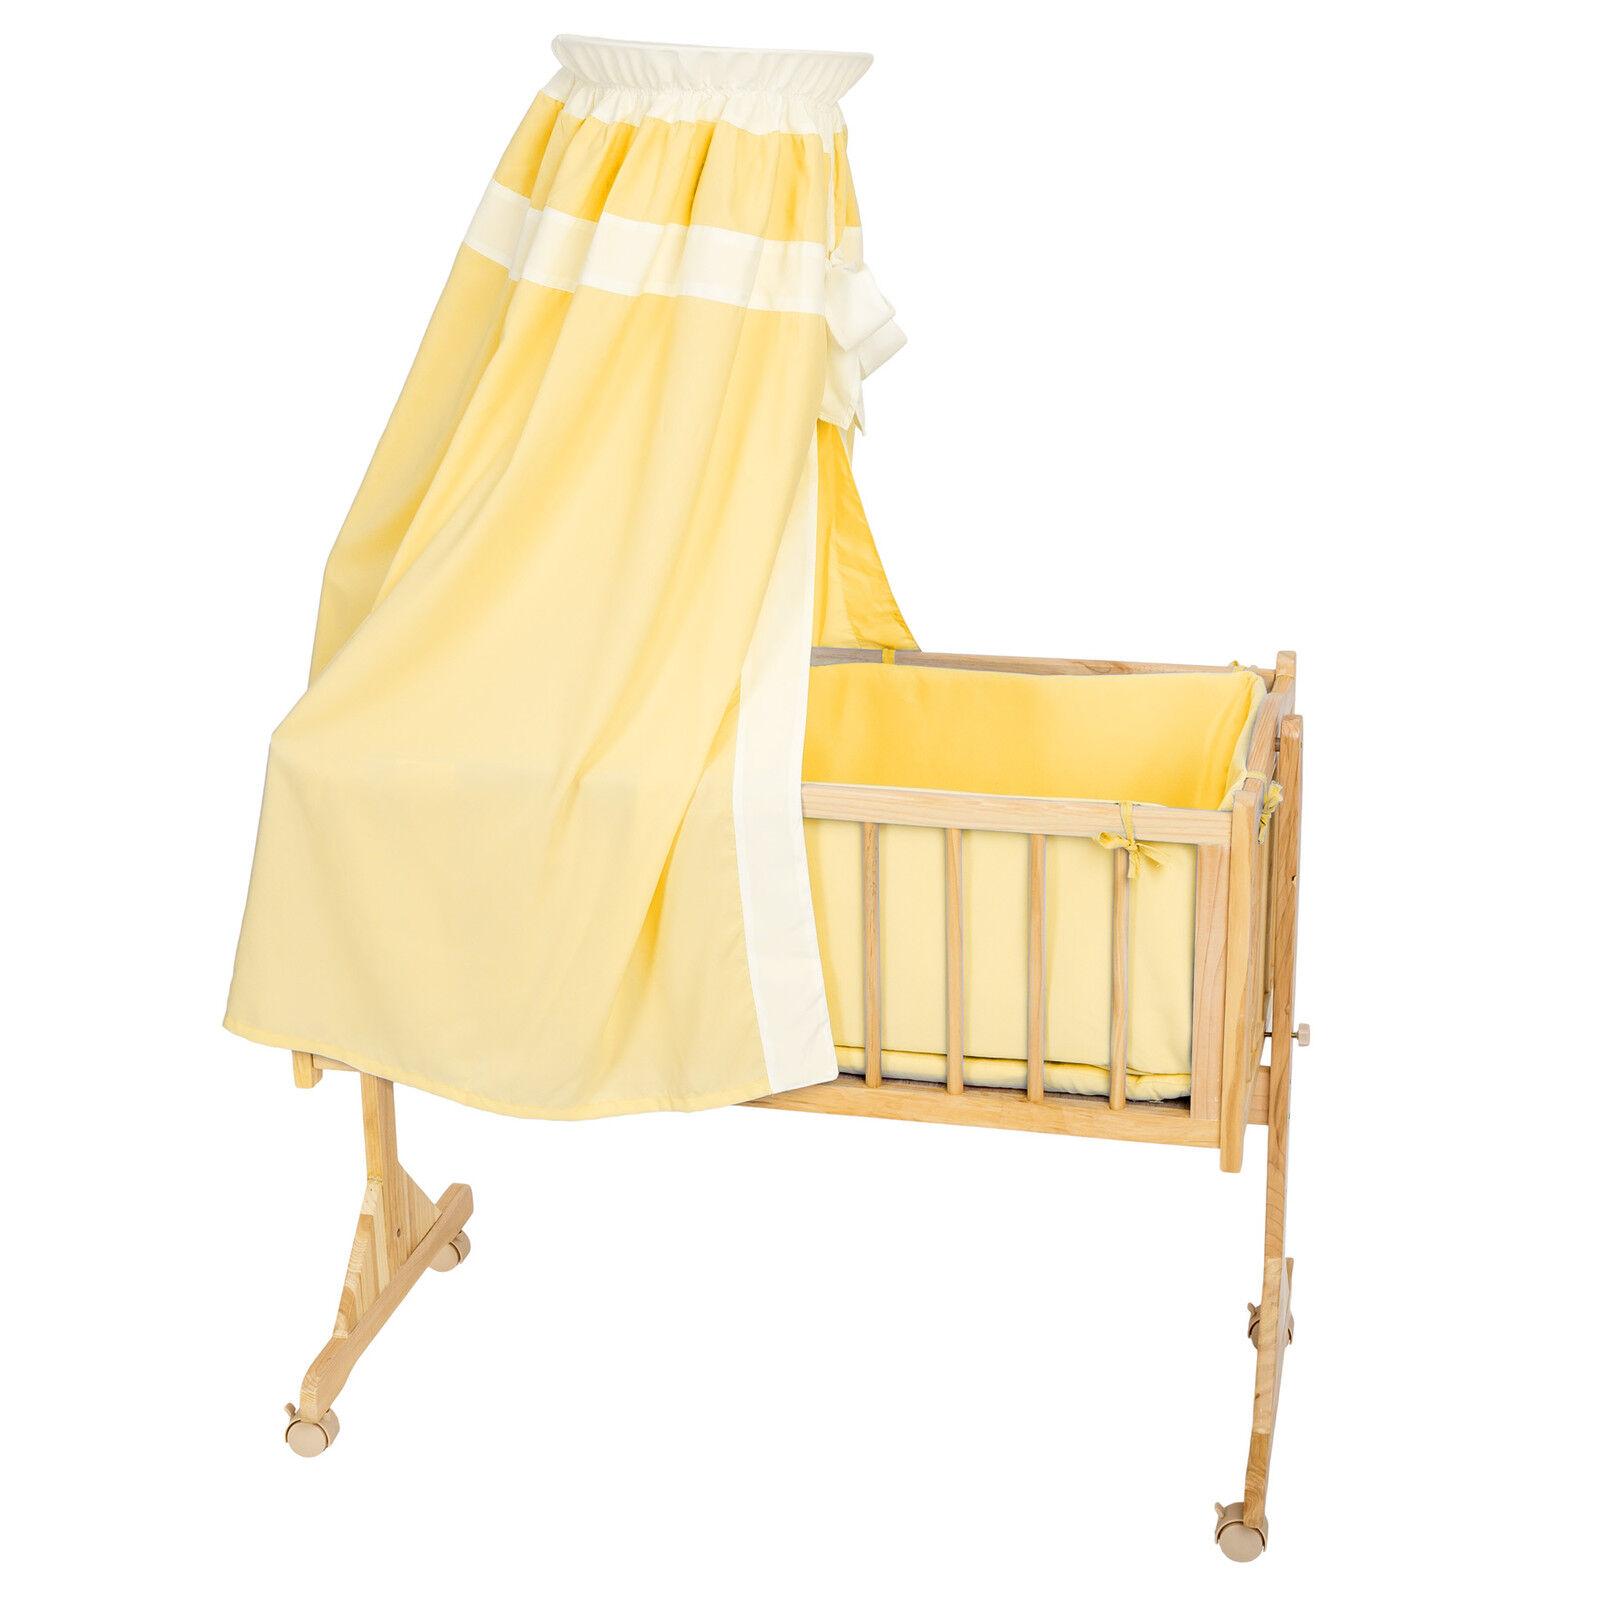 berceau b b lit b b berceau bascule bois ciel de lit jaune eur 214 90 picclick fr. Black Bedroom Furniture Sets. Home Design Ideas